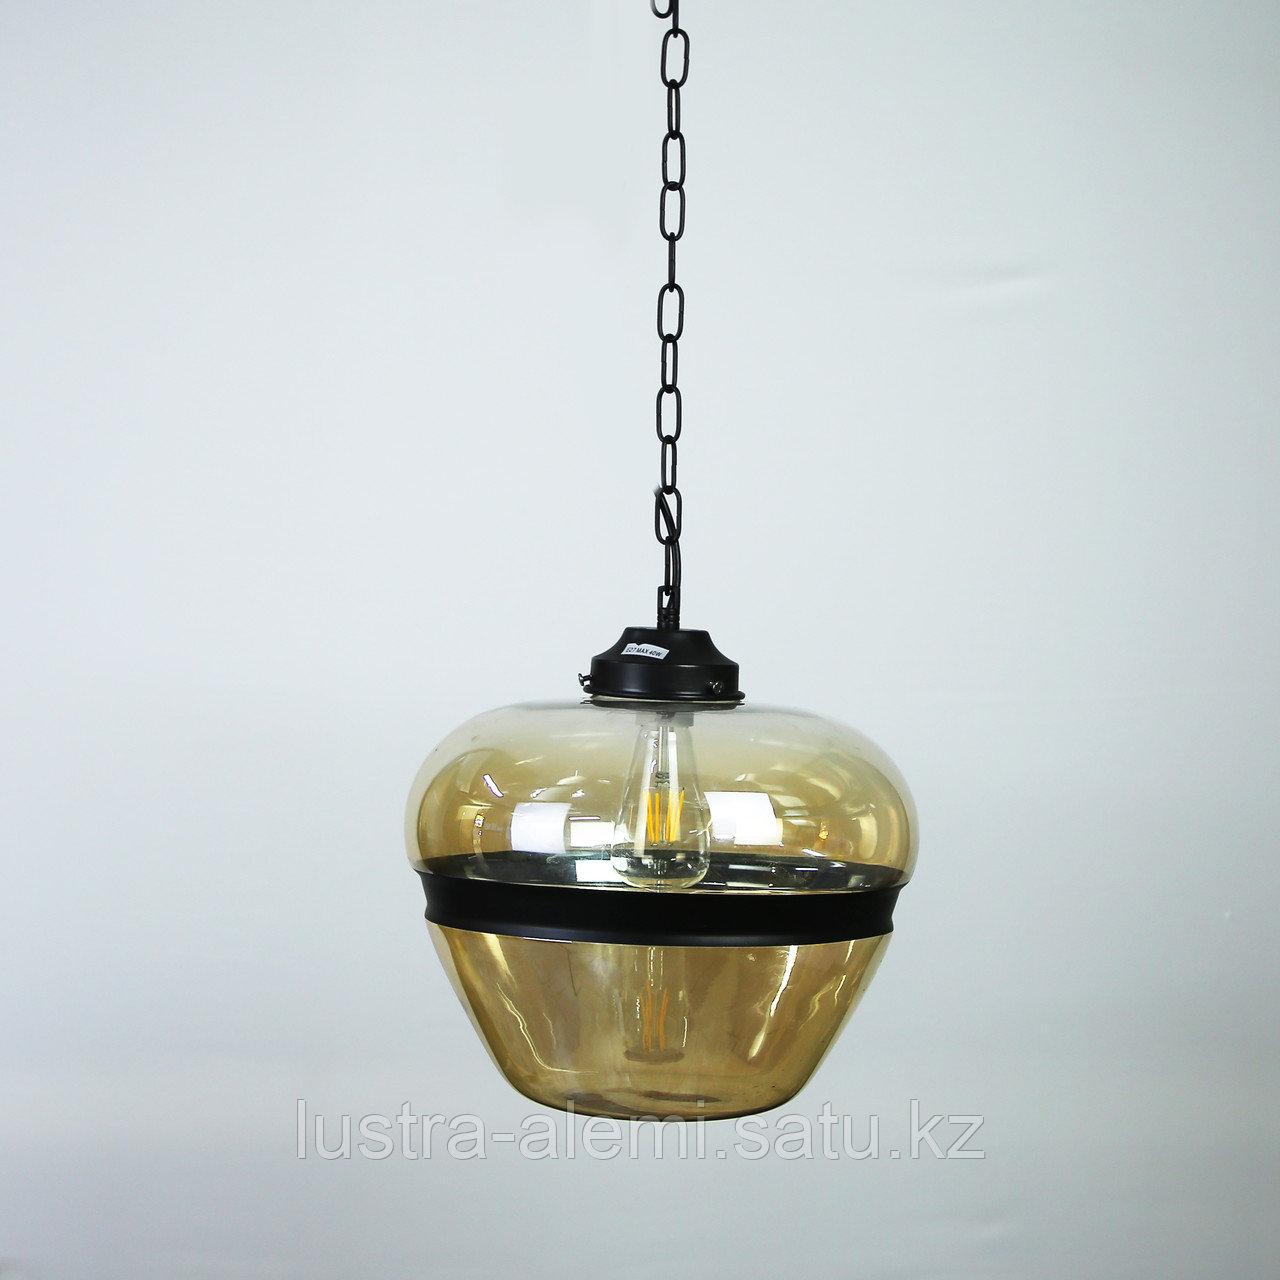 Люстра Подвесная 8050/1B E27 AMBER GLASS (ASYA AVIZE)